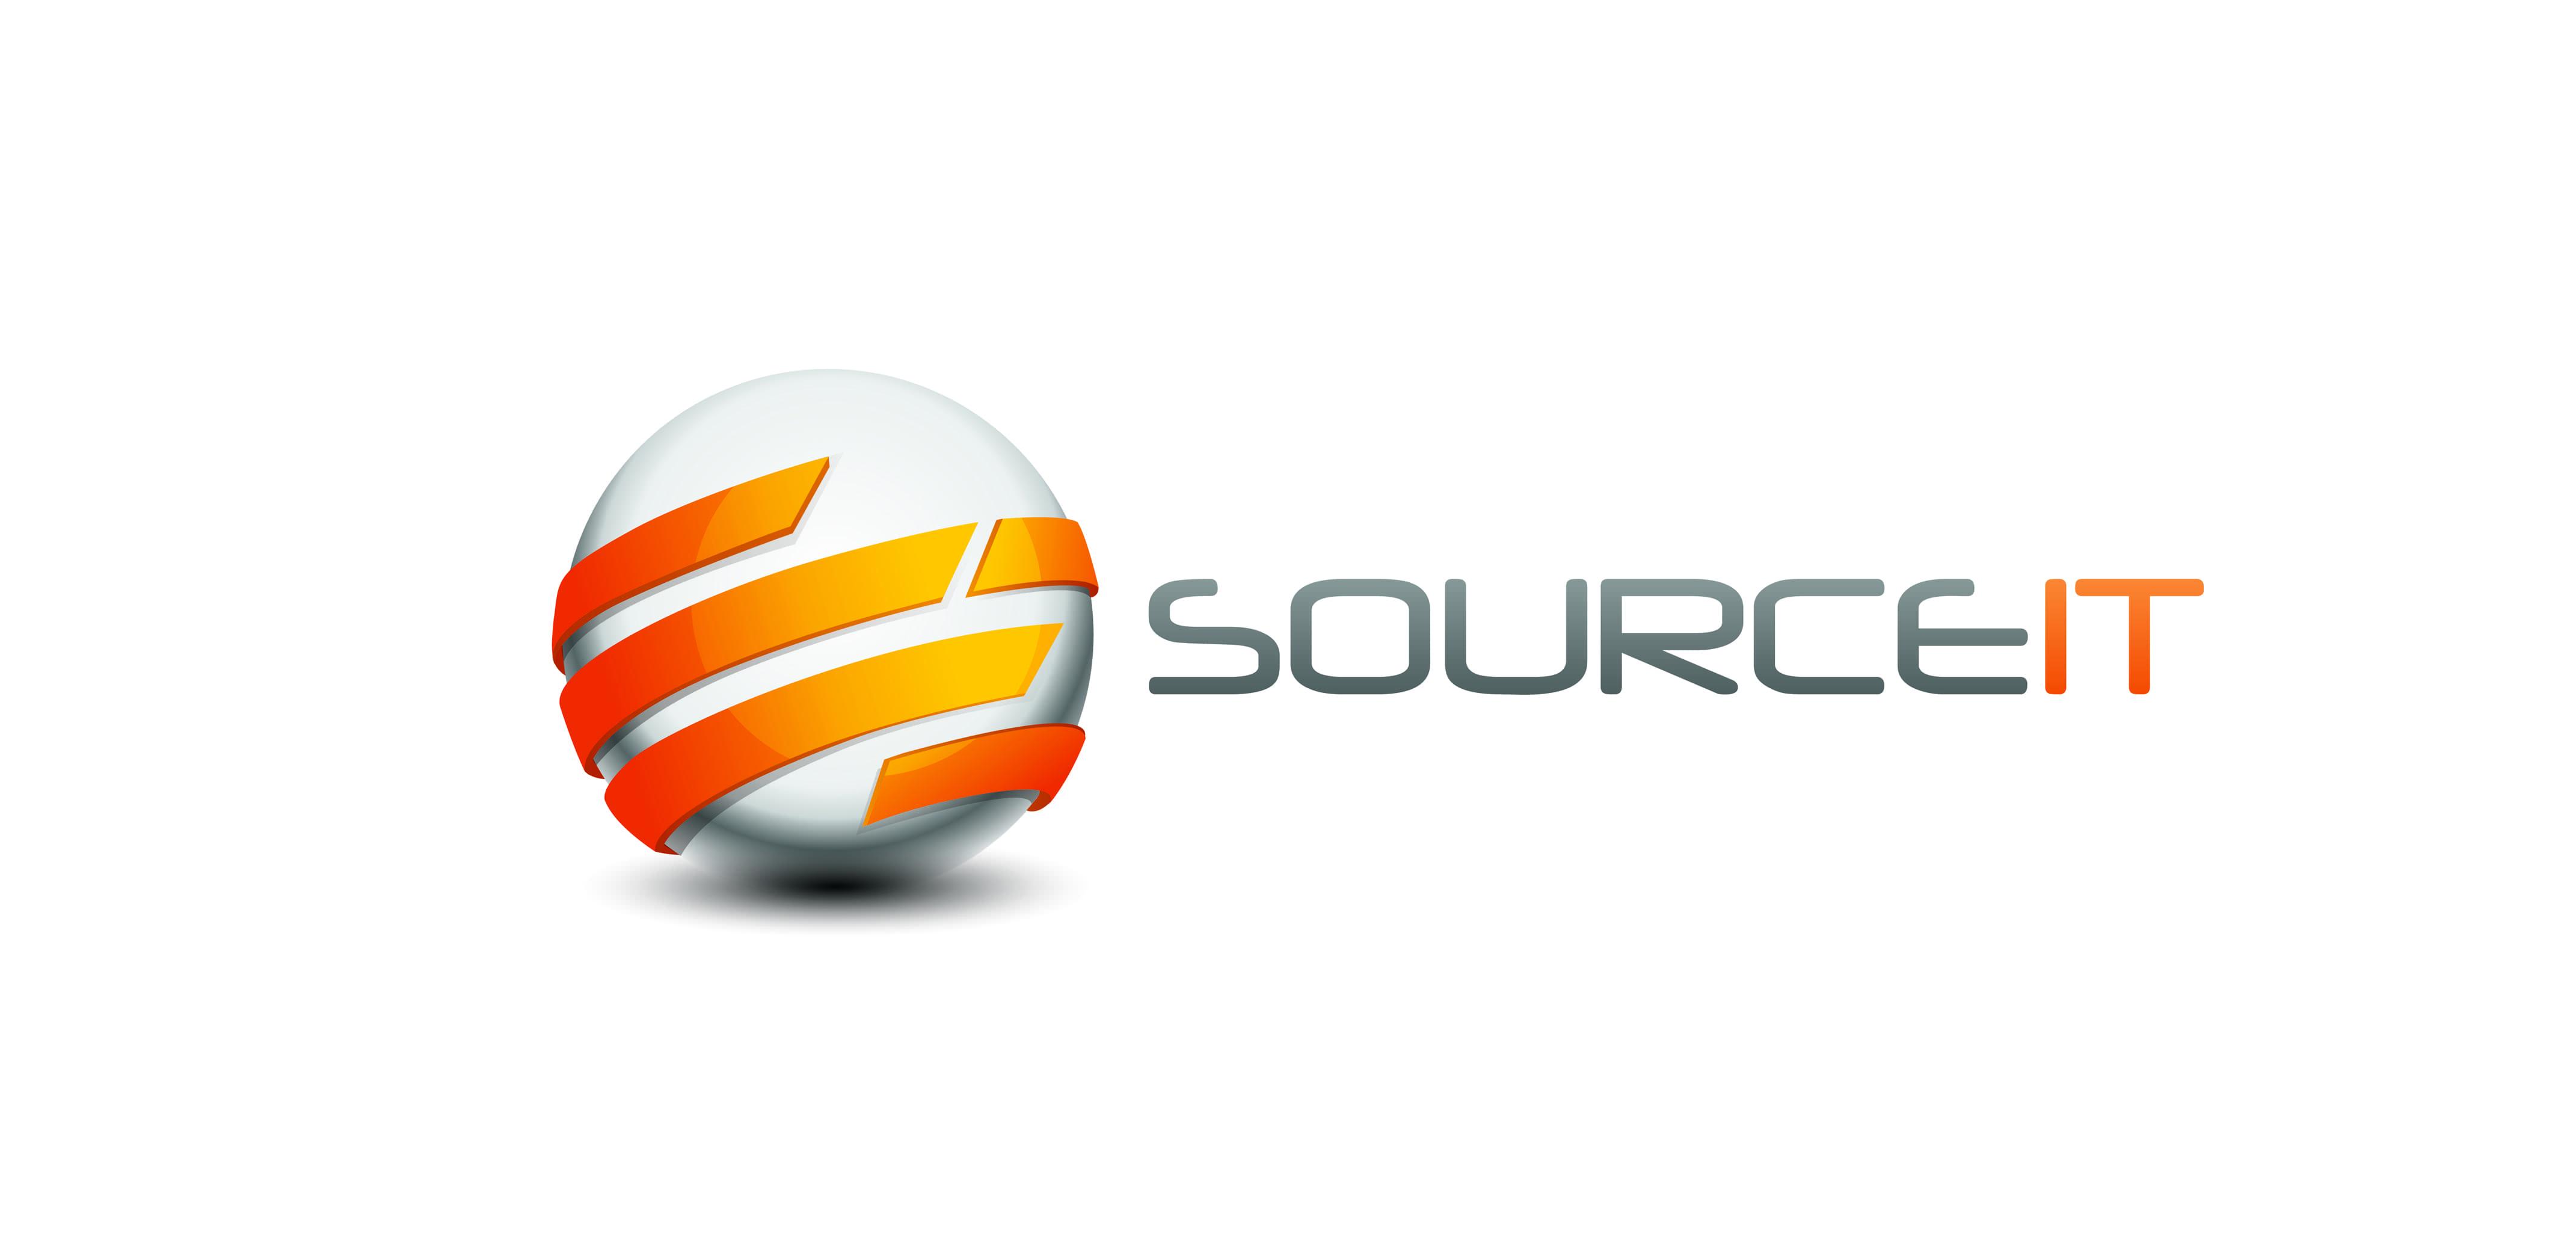 sourceit-3d edit